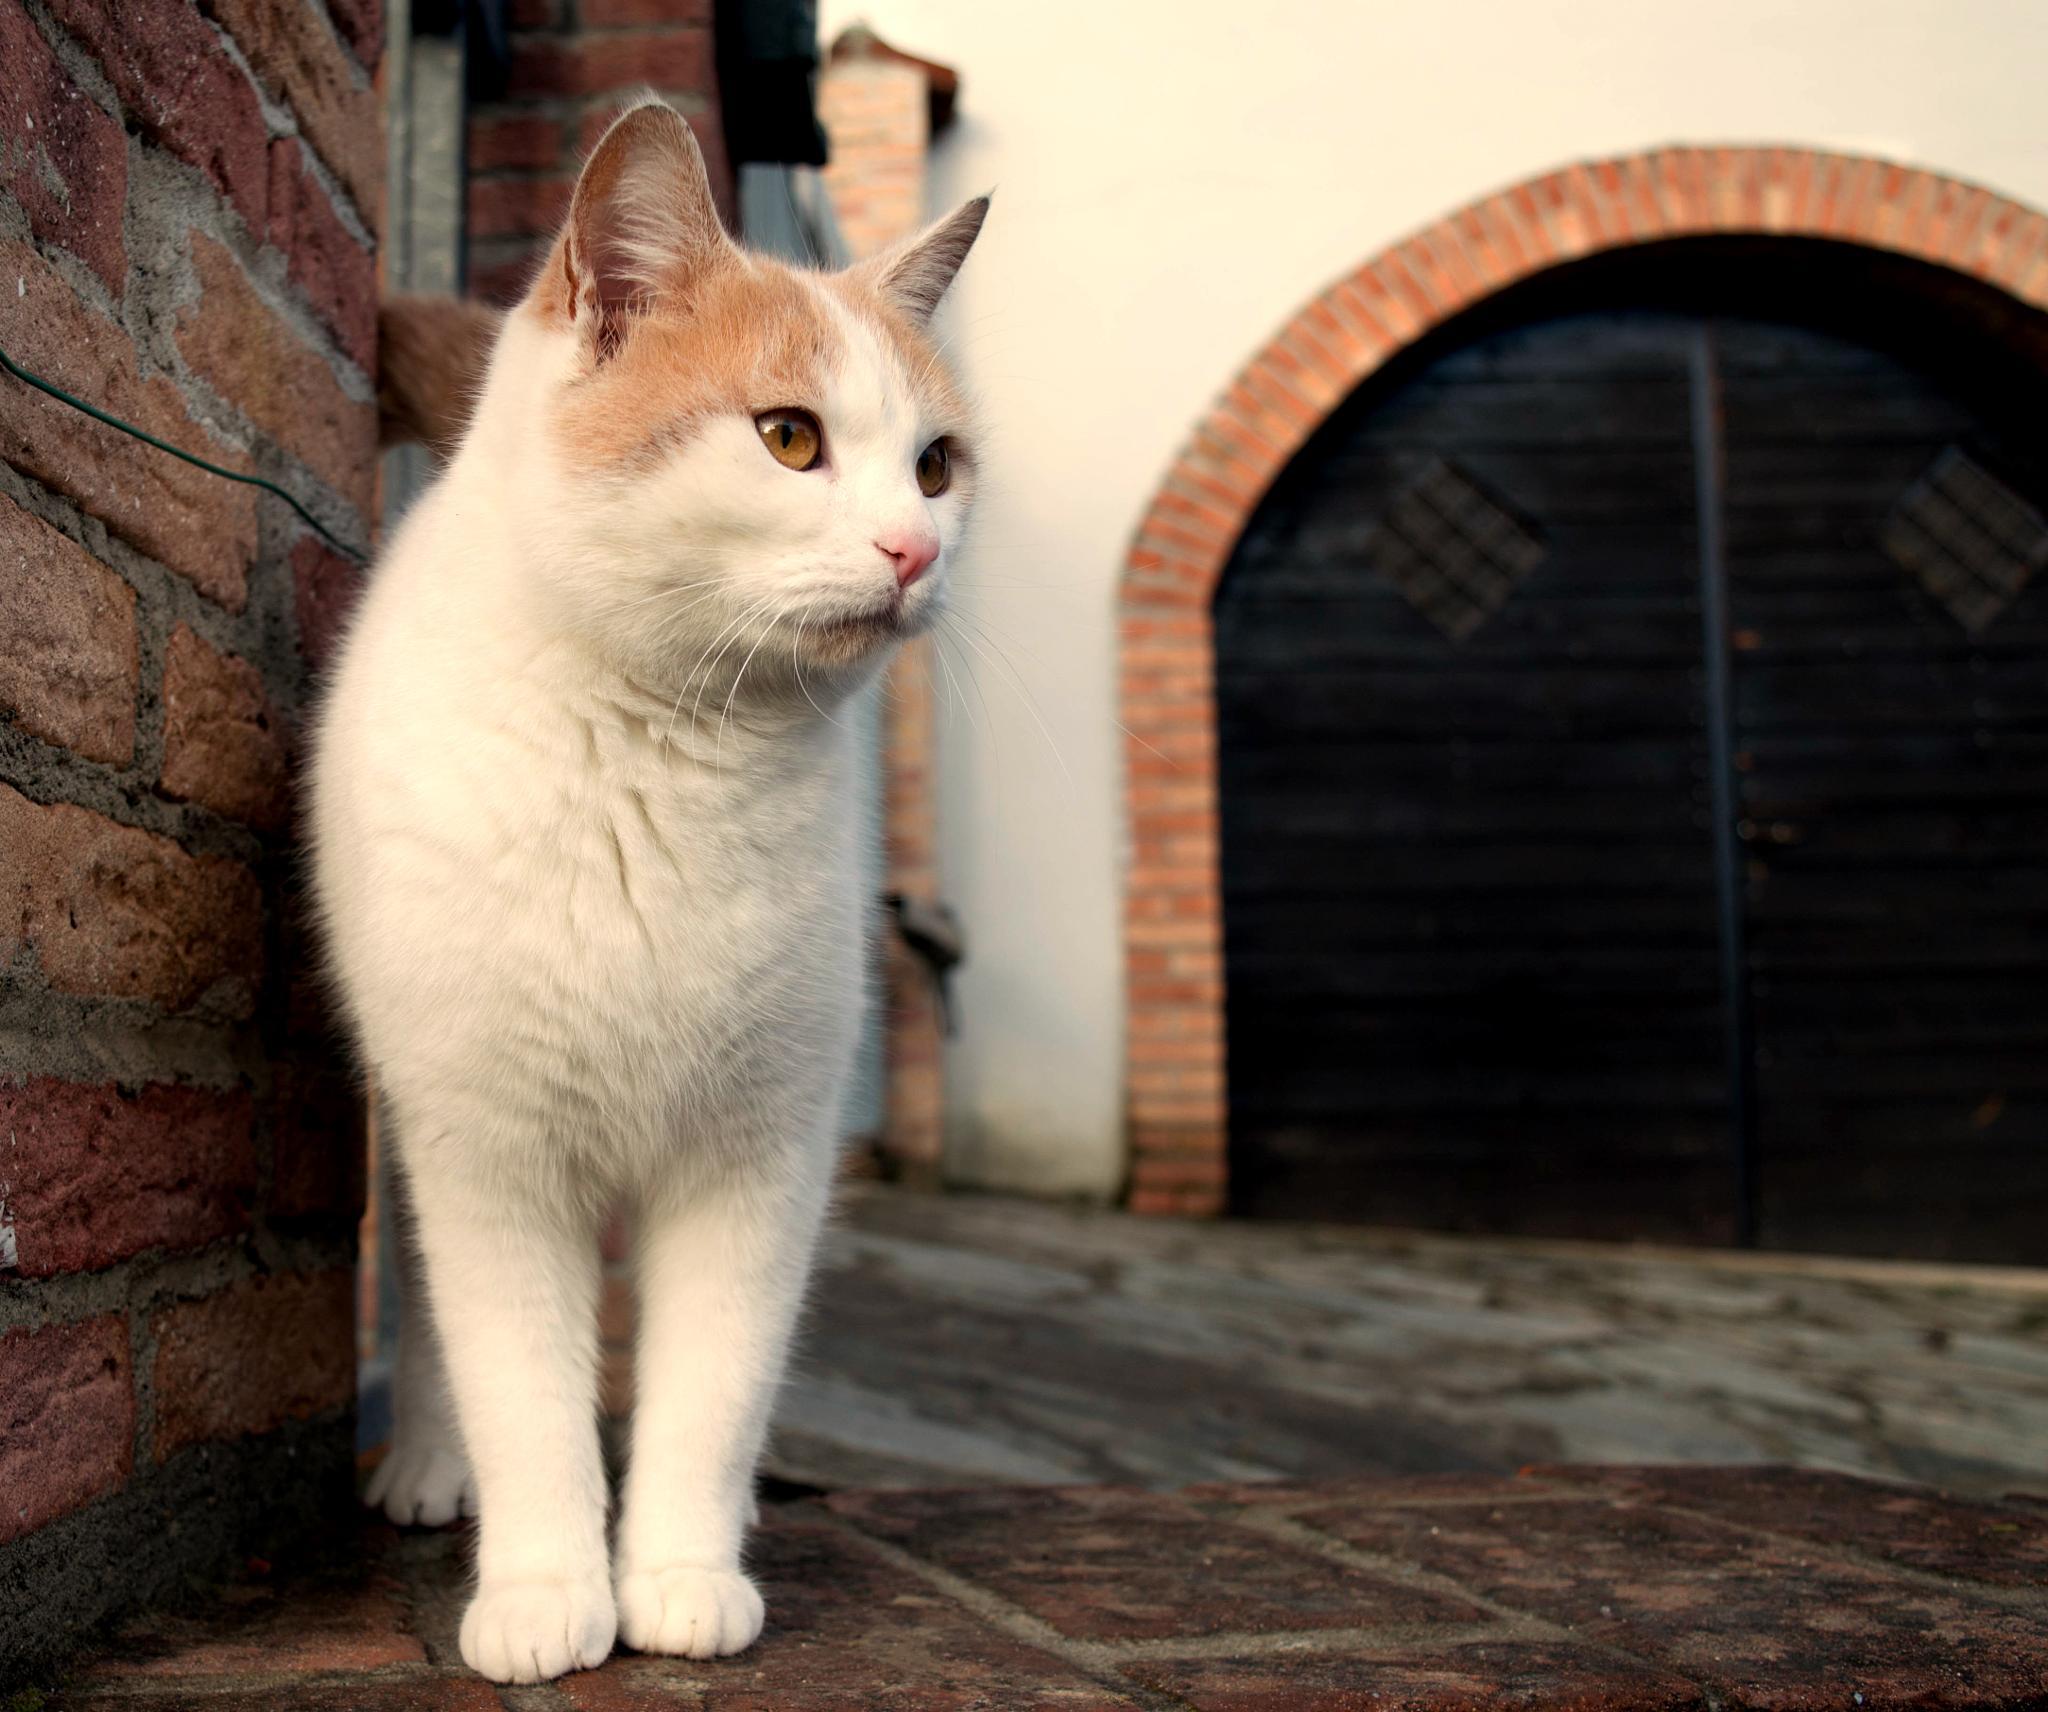 Cat by Deeno